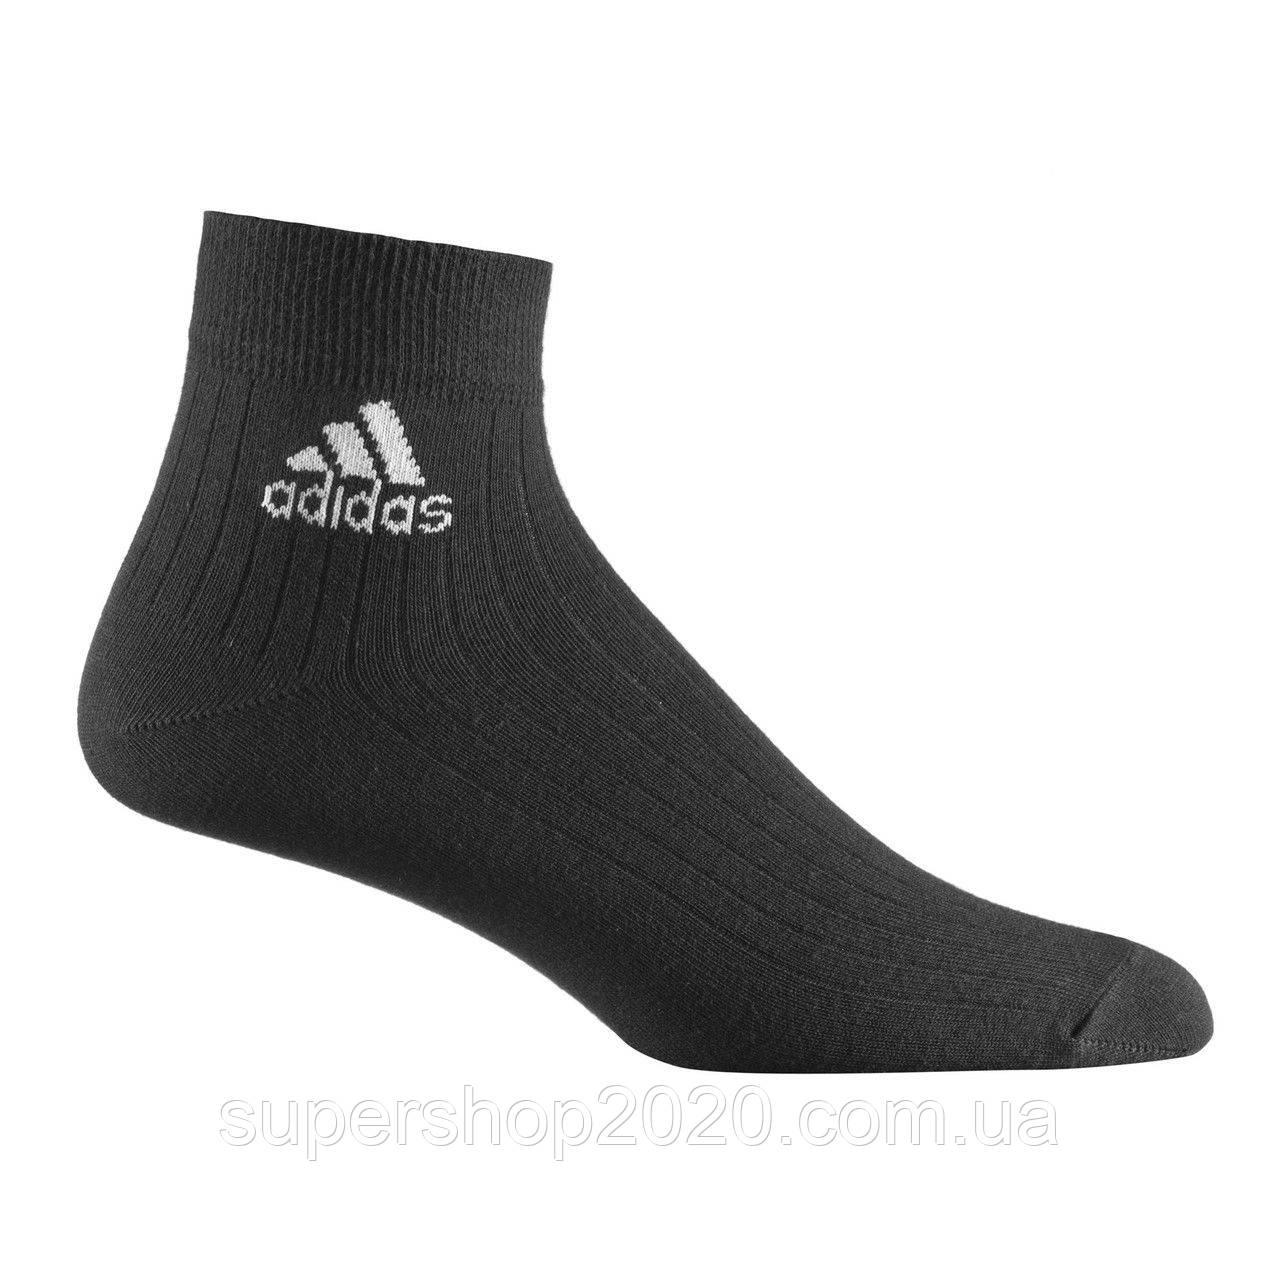 Шкарпетки Adidas Ankle Ribbed Thin чорні Z25668, розмір - 39-42